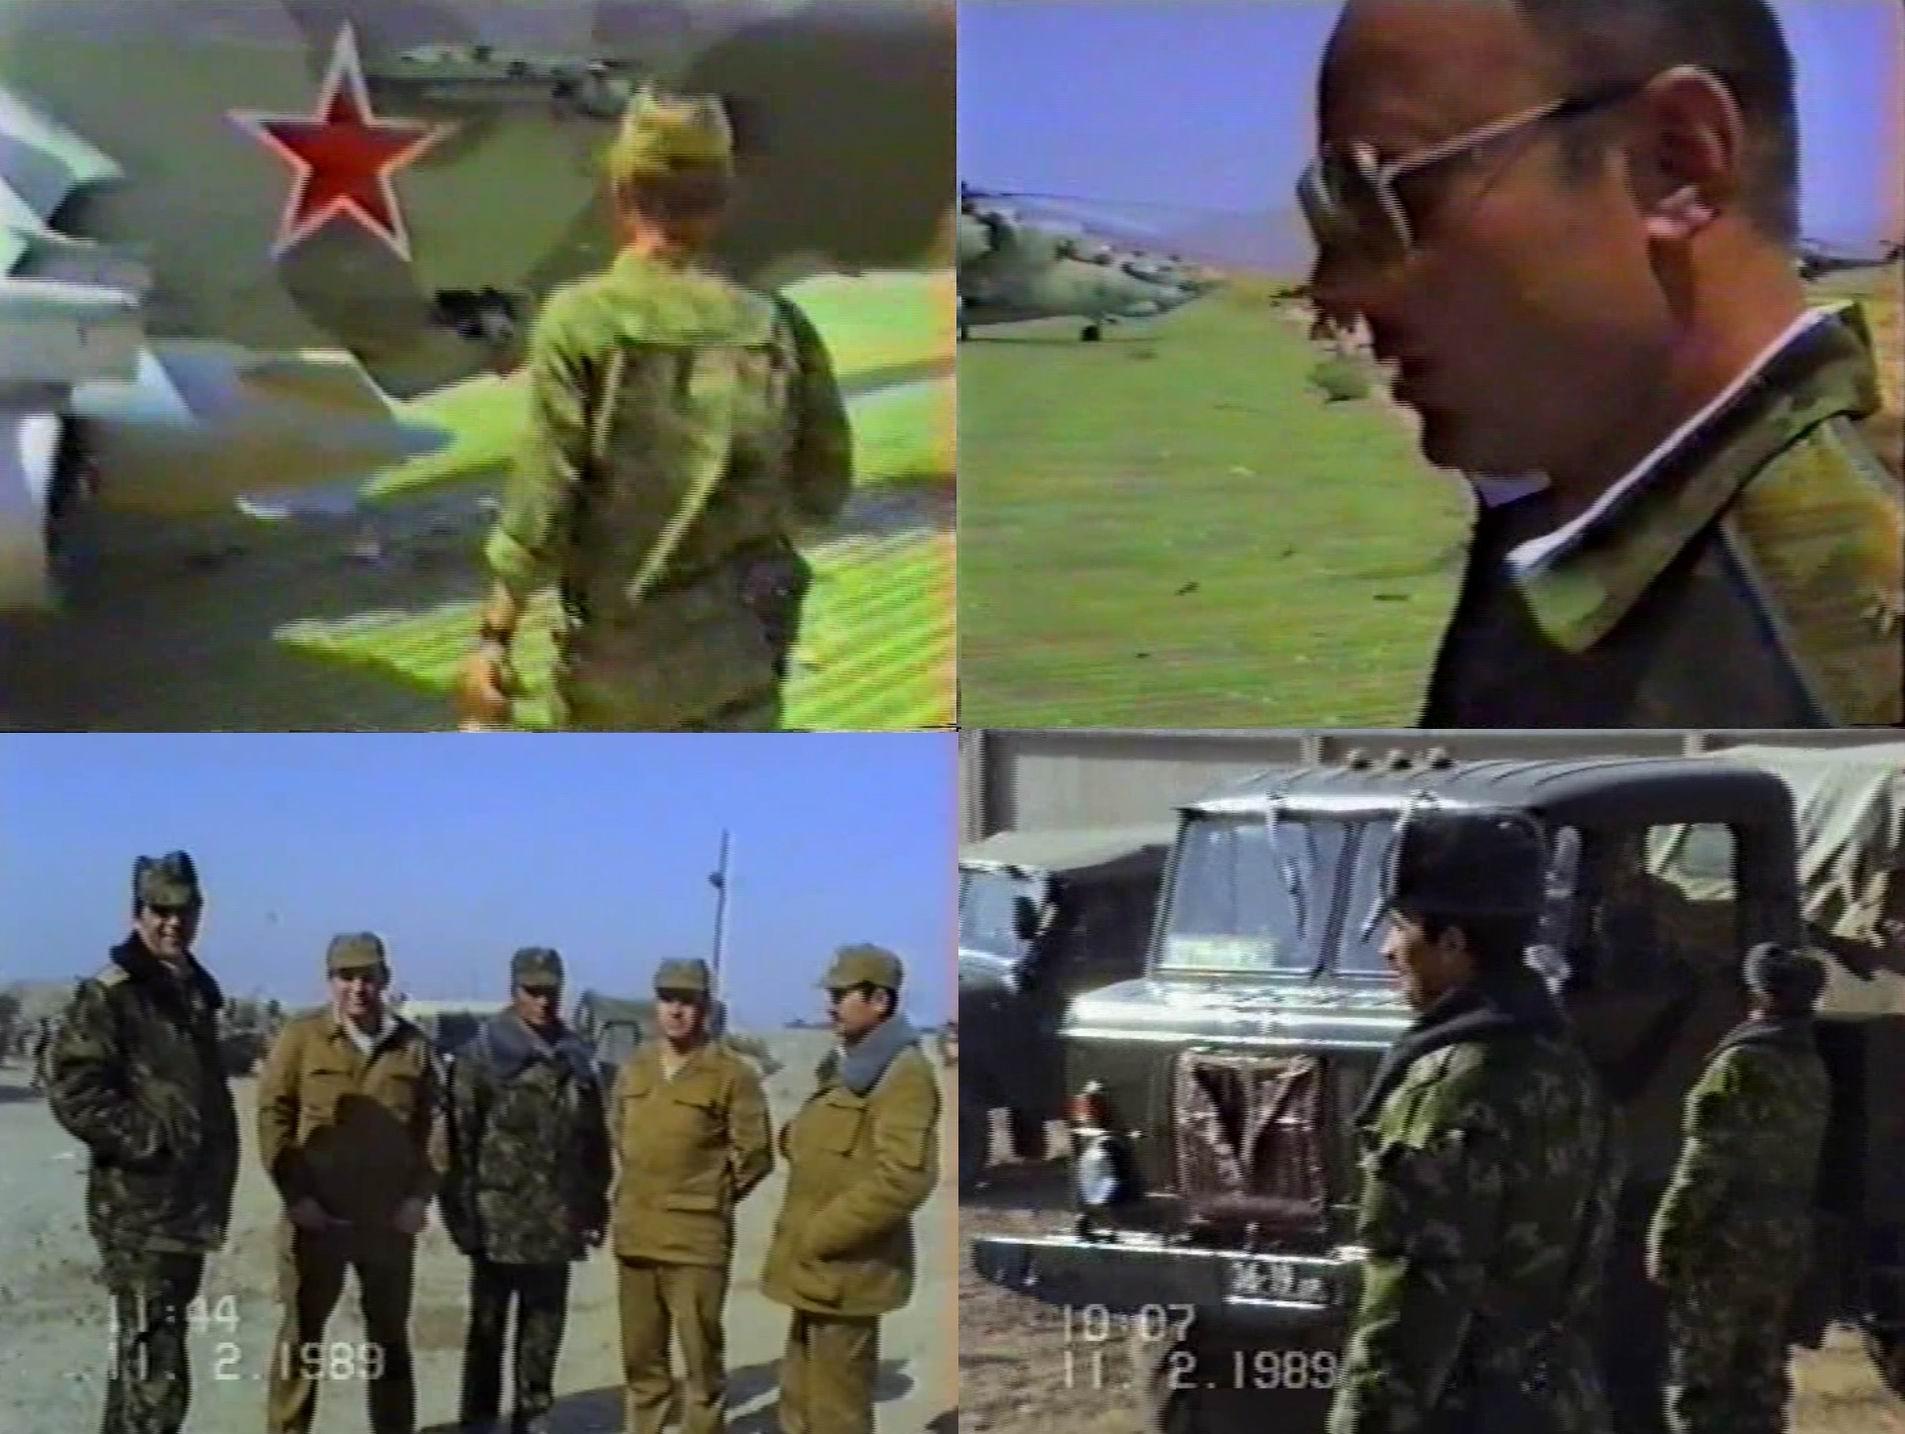 Стандартный набор обладателей камуфляжа в те годы - летчик, генерал (видимо тоже ВВС), еще генерал и старшие офицеры (опять-таки далеко не у всех), пограничники.